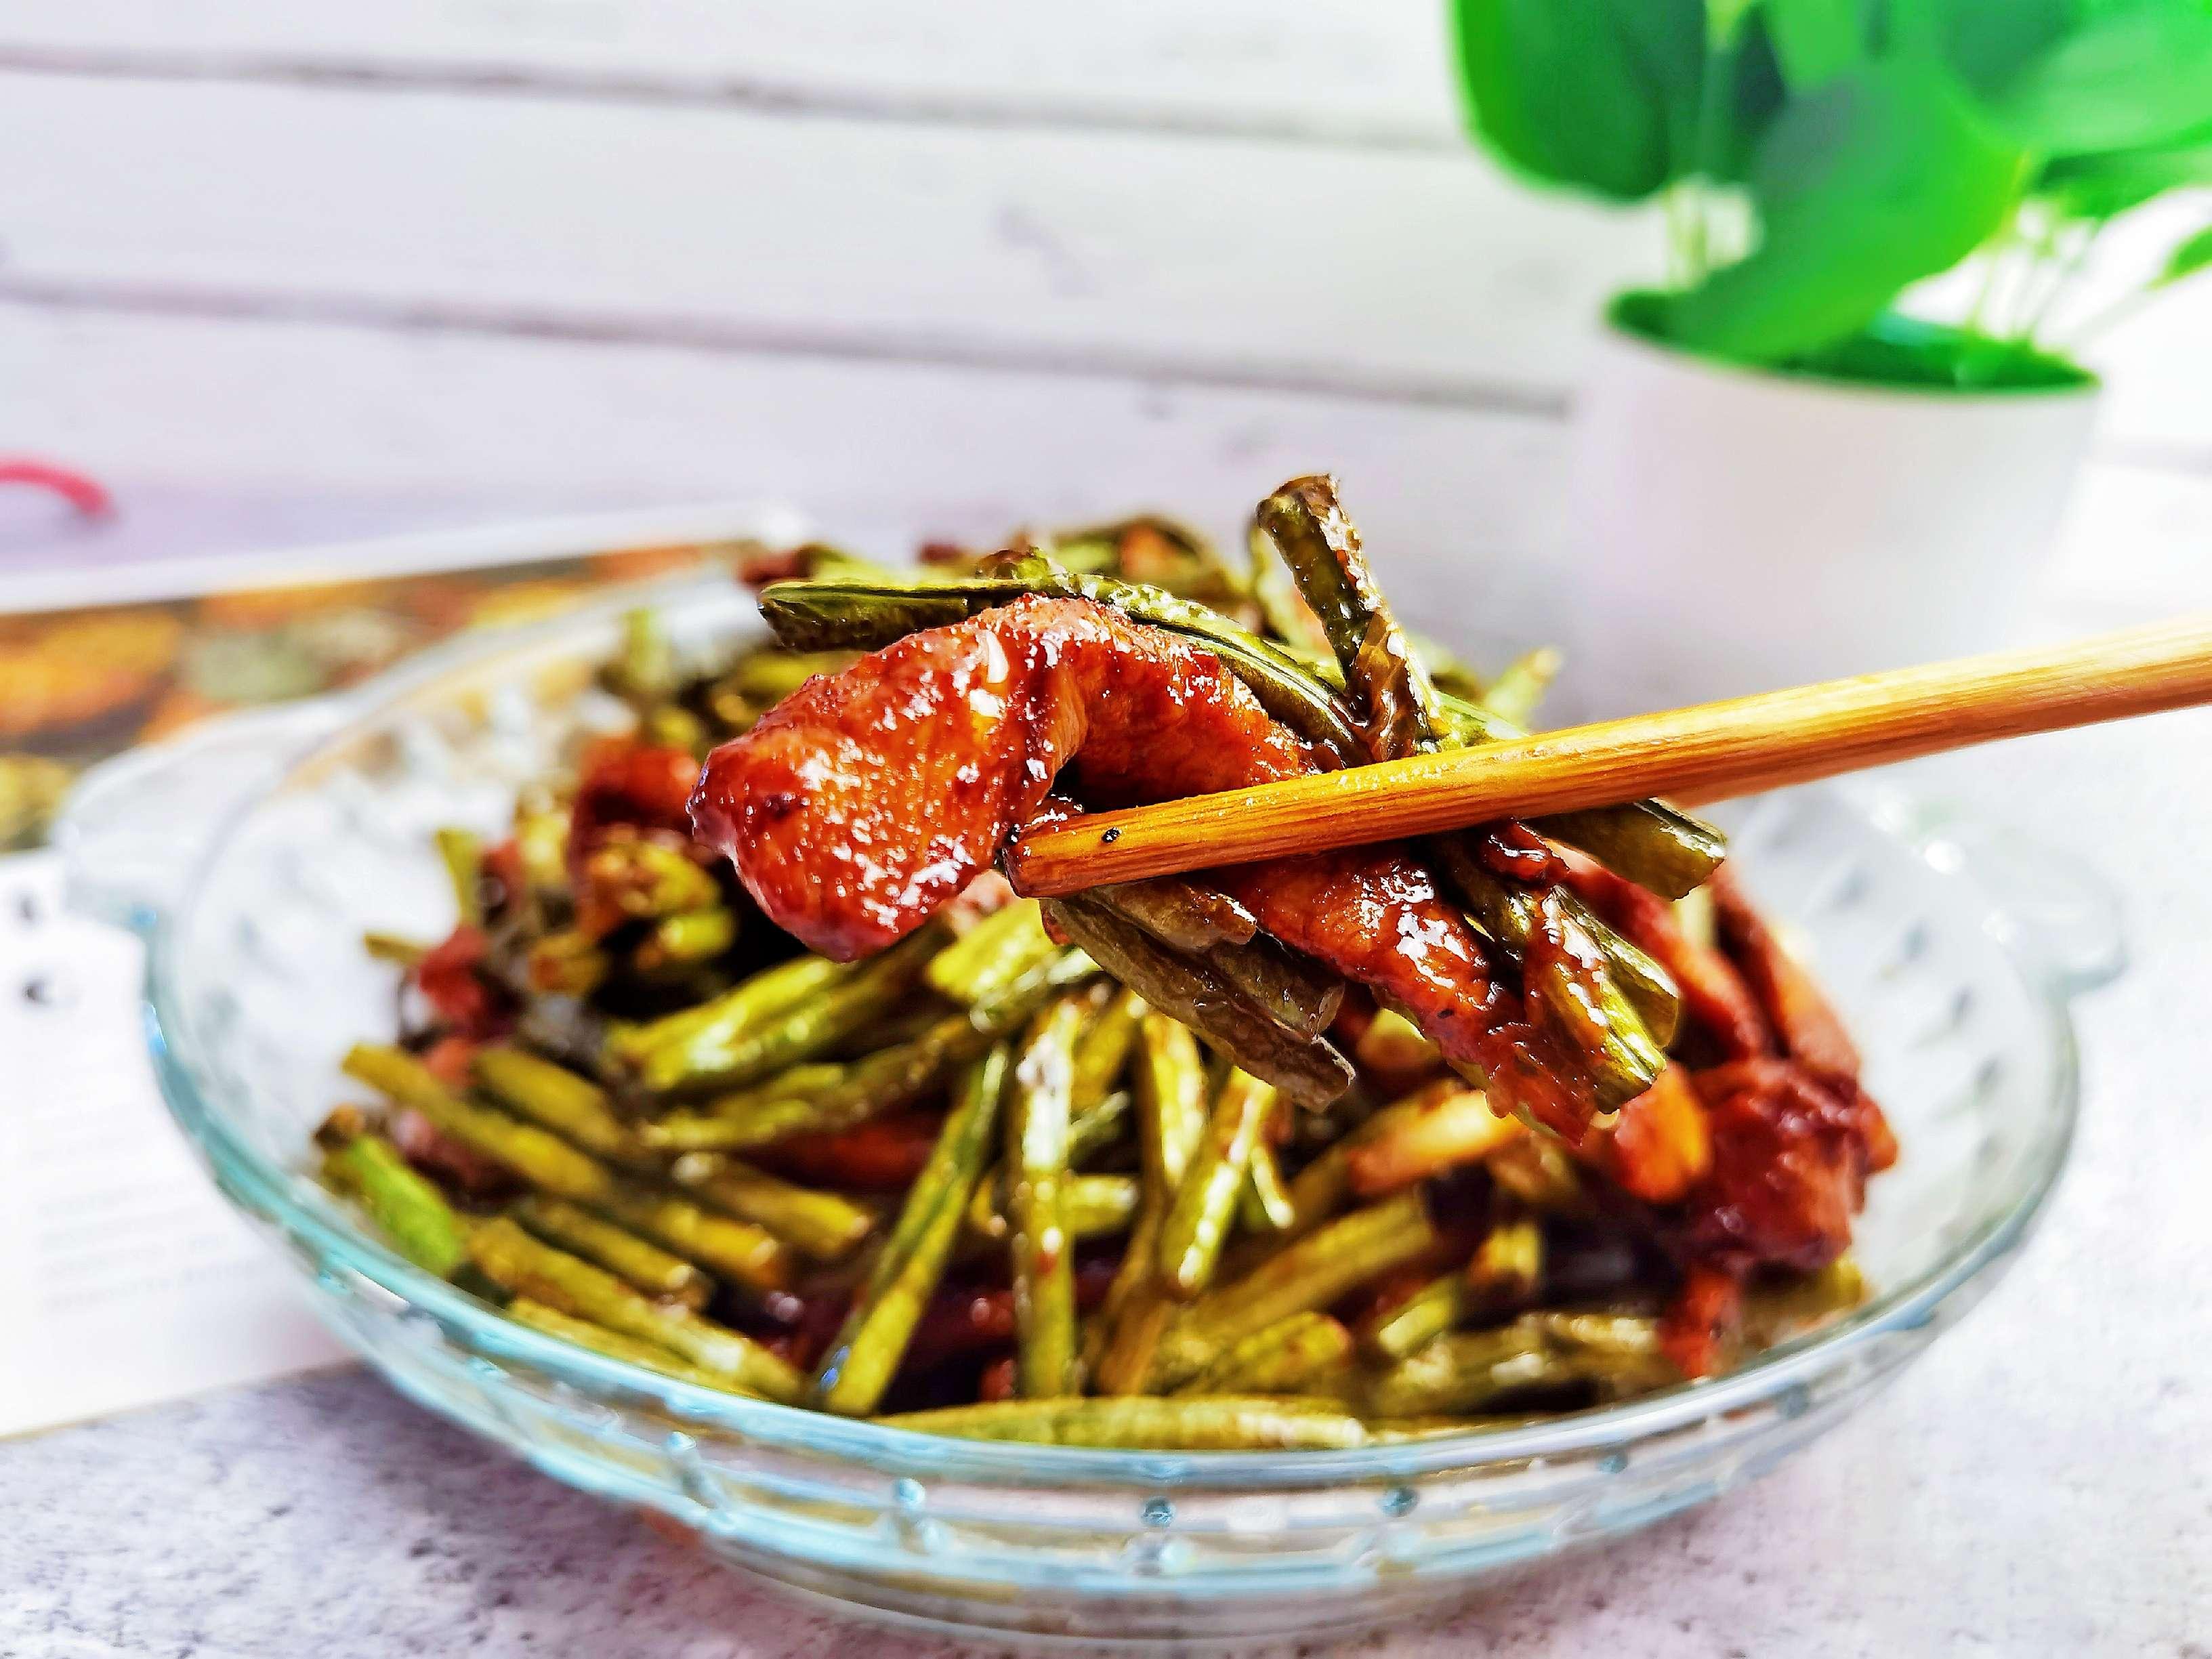 豇豆角炒肉好吃有诀窍,肉嫩菜香,做法简单又家常怎么煸